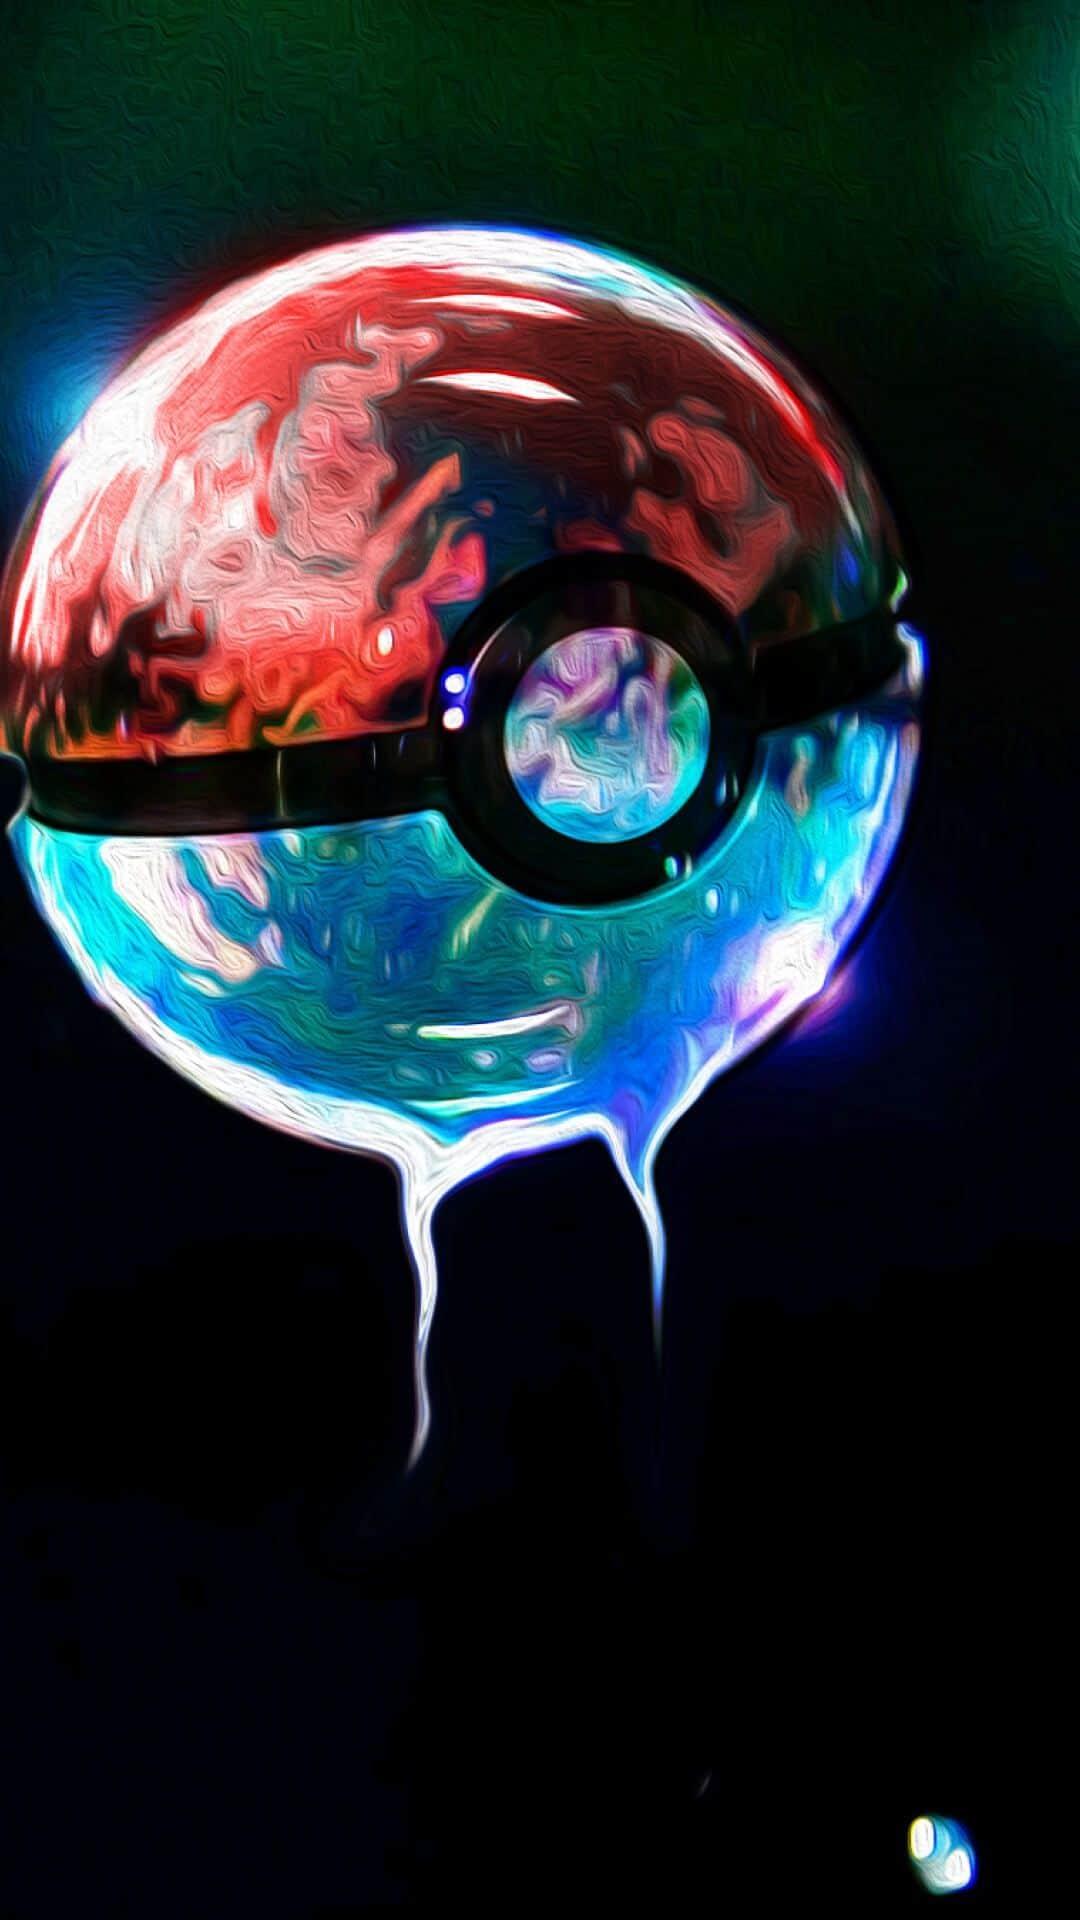 Le Fond D Ecran Du Jour Special Pokemon Pokeball Droidsoft